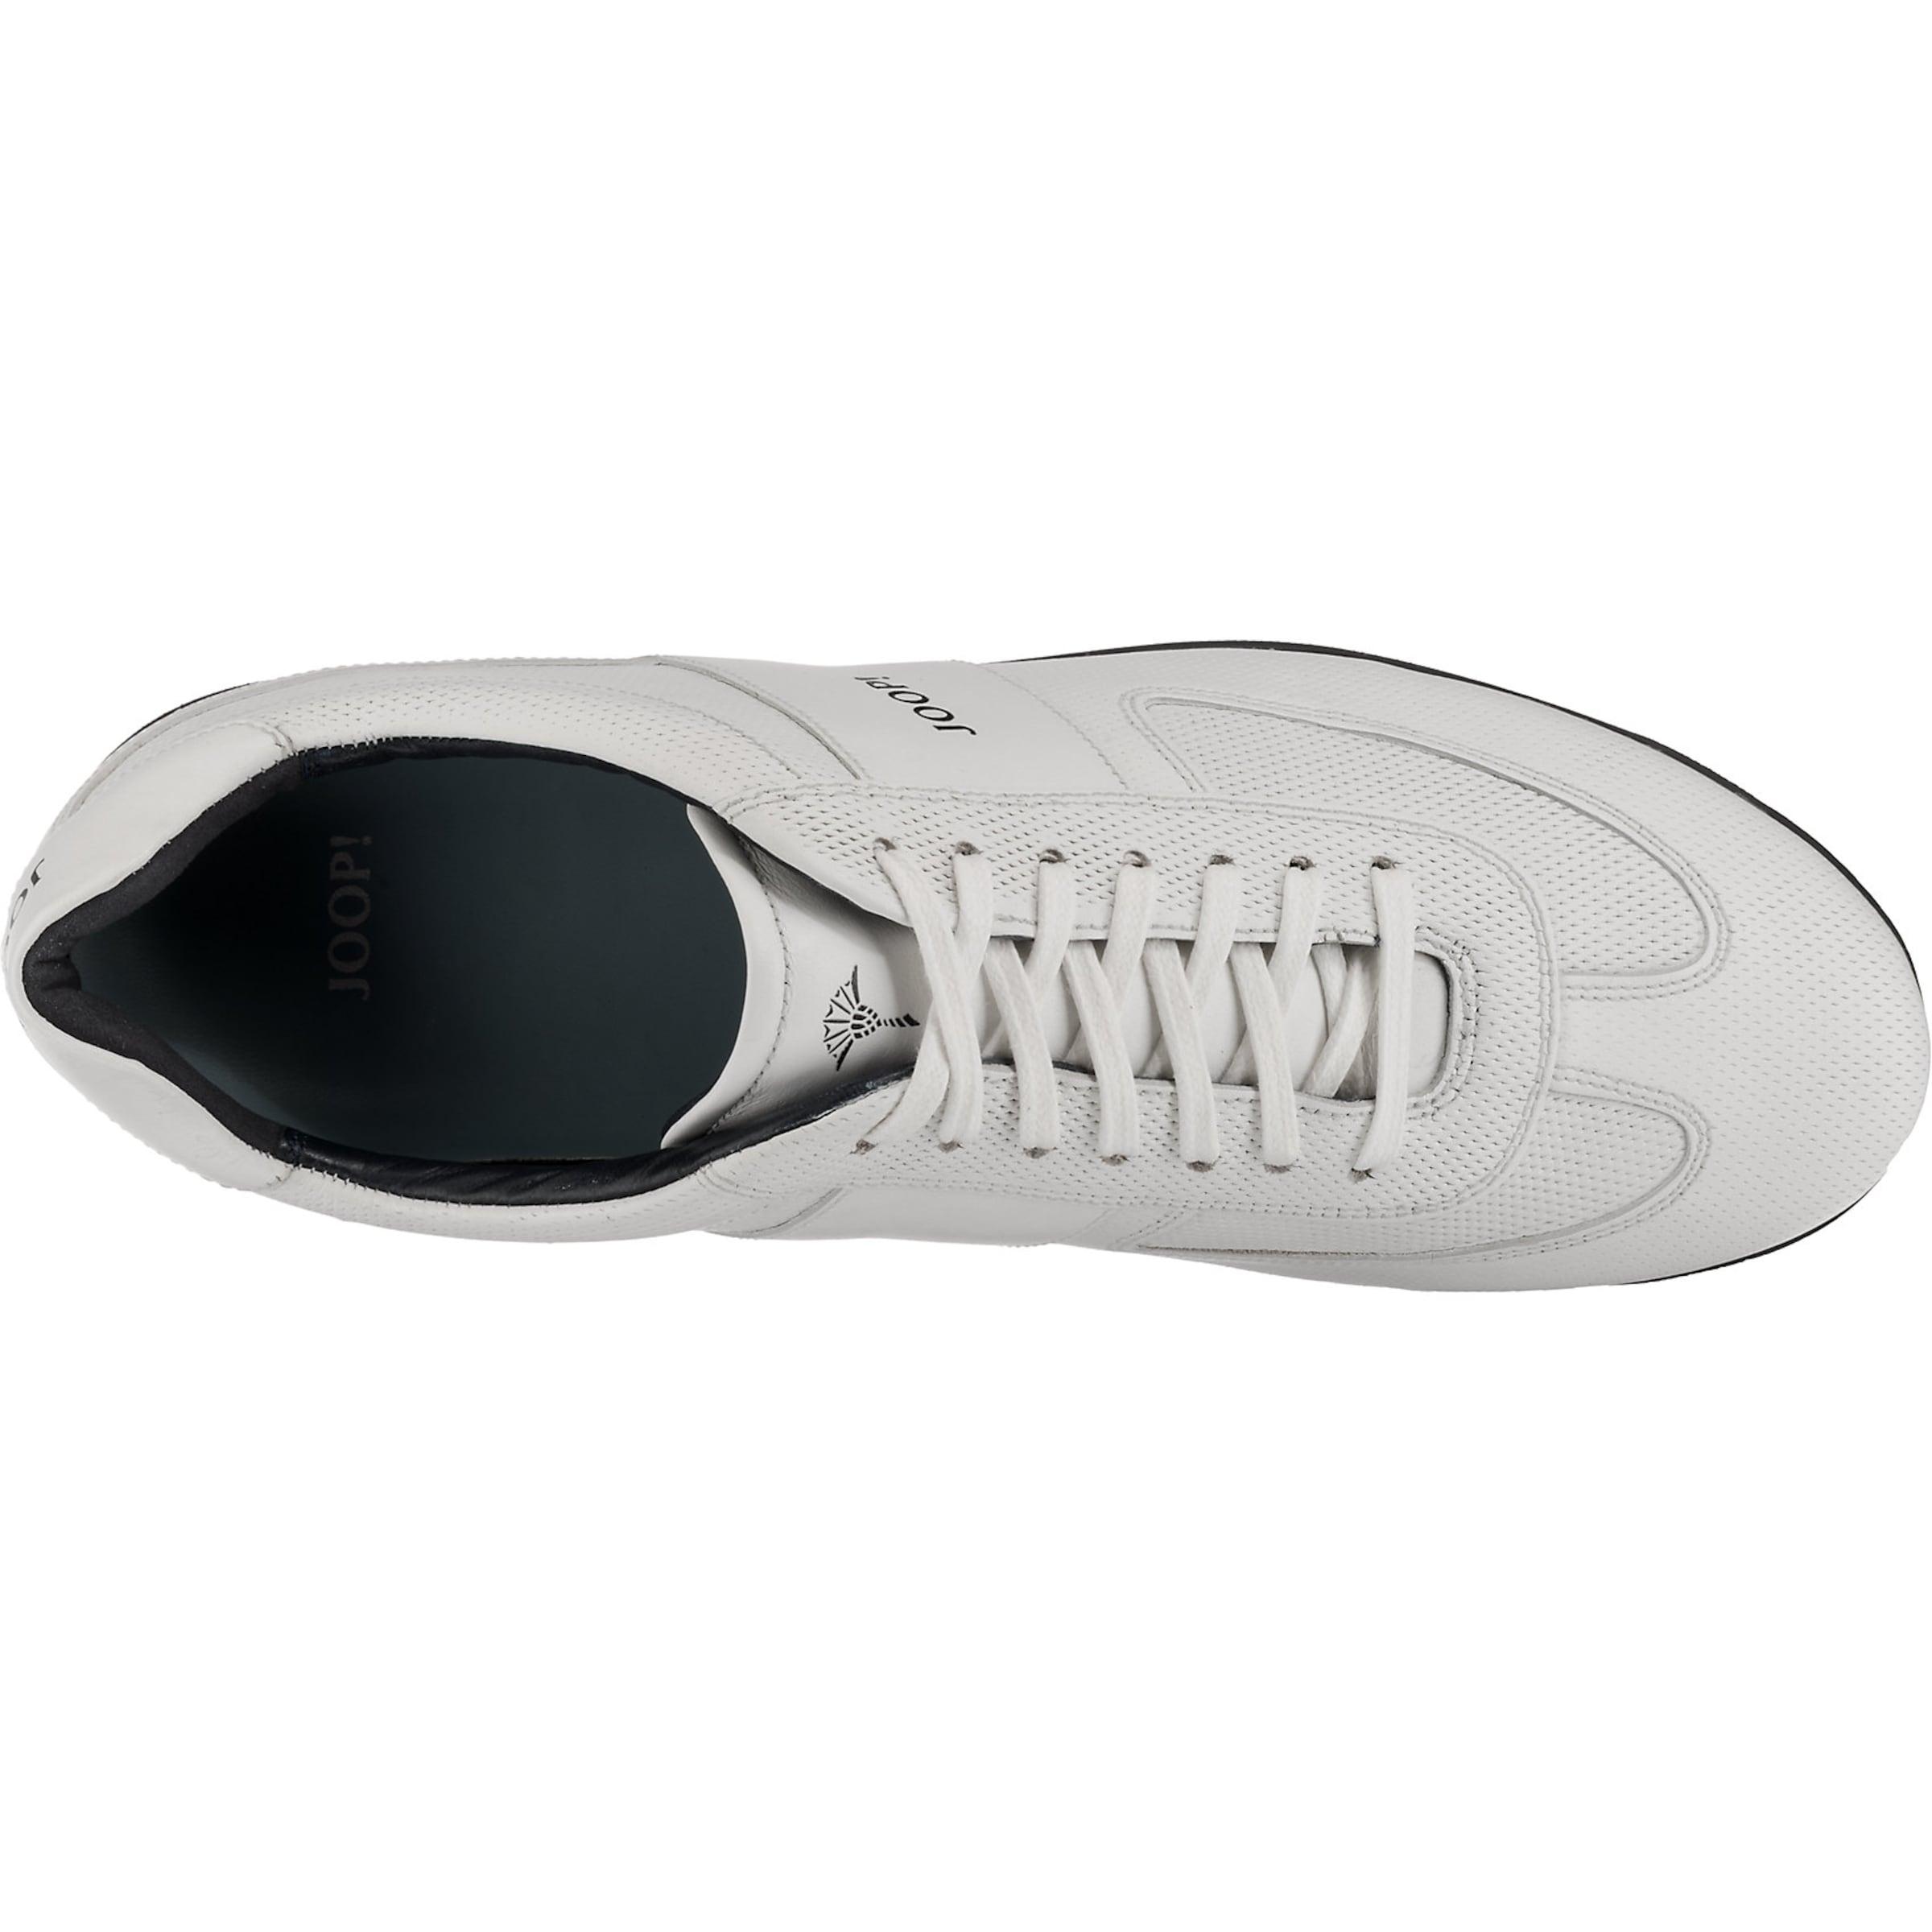 JoopSneakers Low In 'hernas' In JoopSneakers Weiß Low Weiß JoopSneakers 'hernas' j5AL4R3